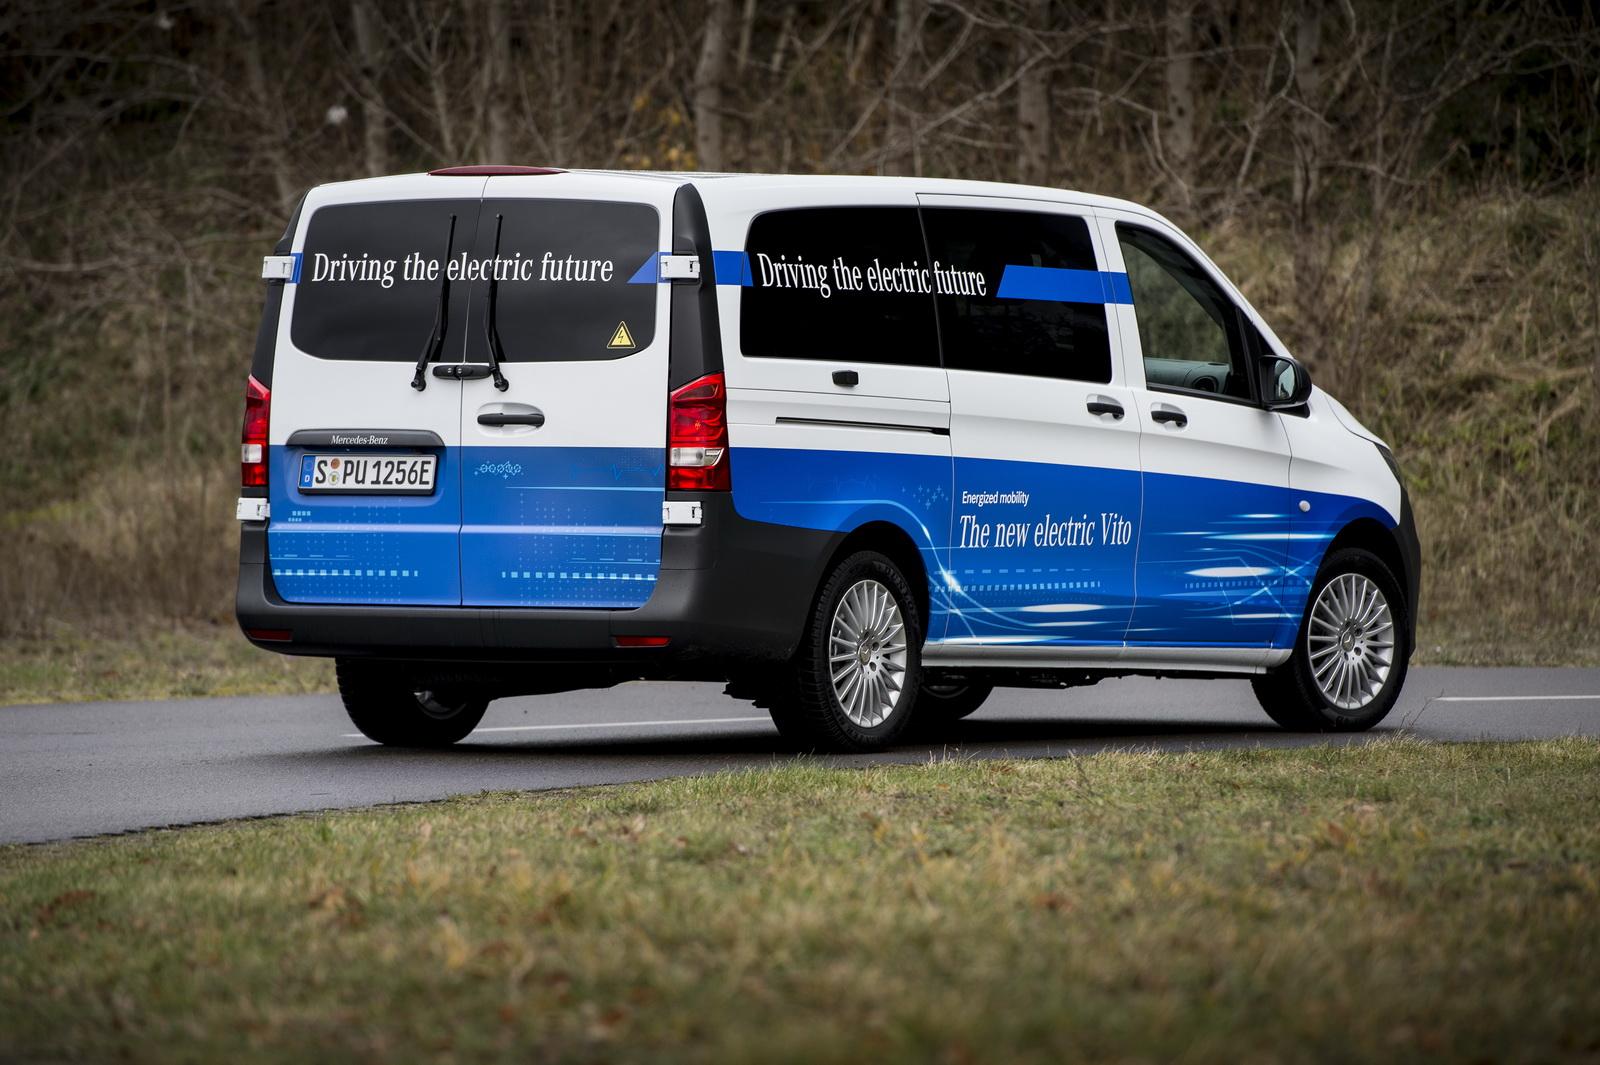 Mercedes eVito: La furgoneta eléctrica de Mercedes que tiene 150 kilómetros de autonomía